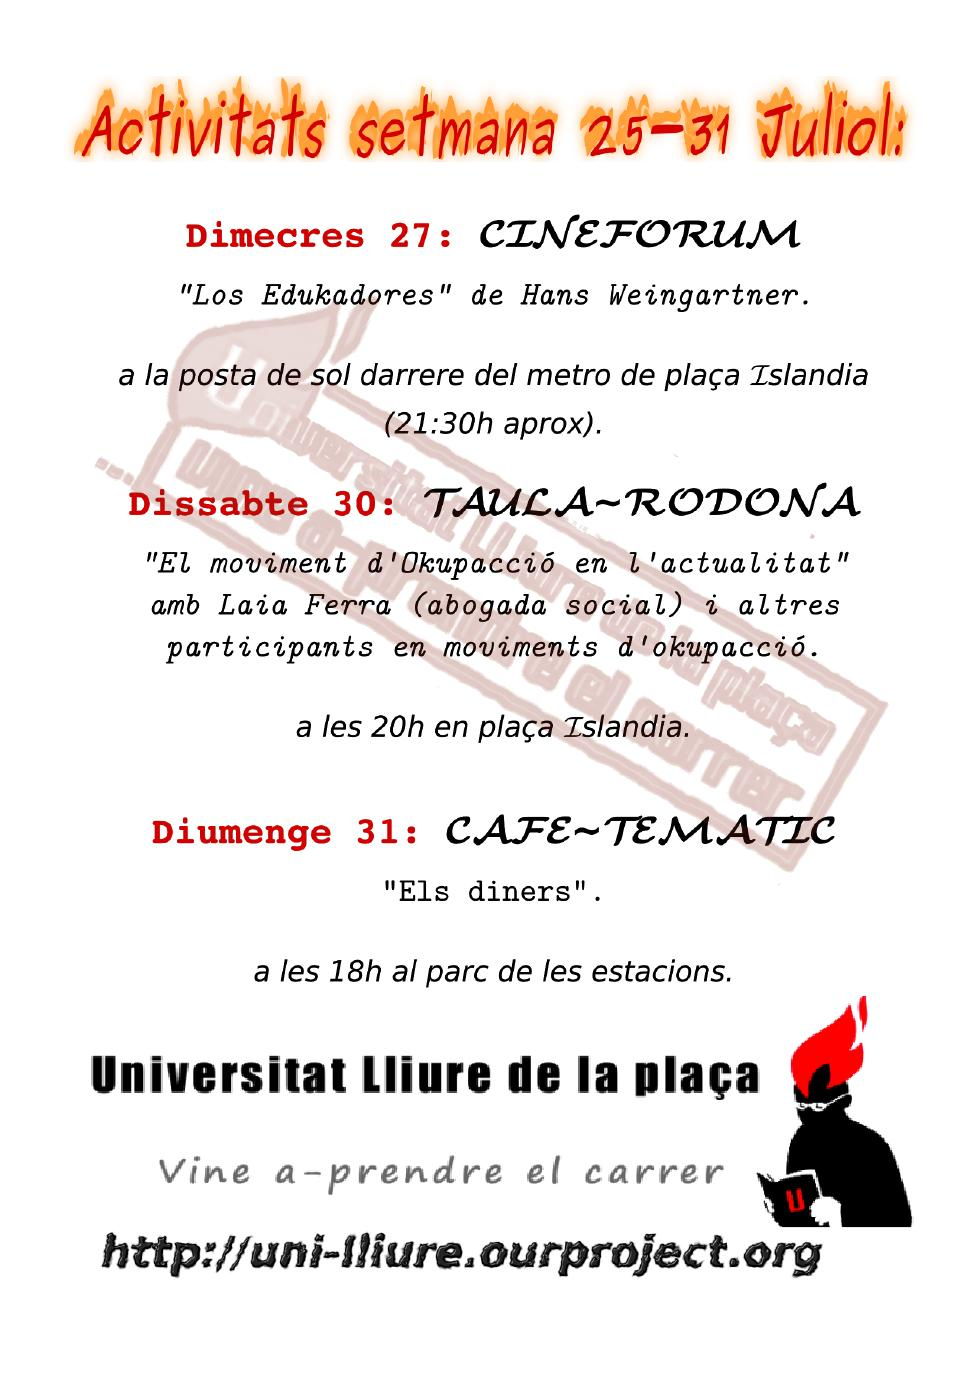 Activitats Universitat Lliure de la setmana 25-31 de juliol